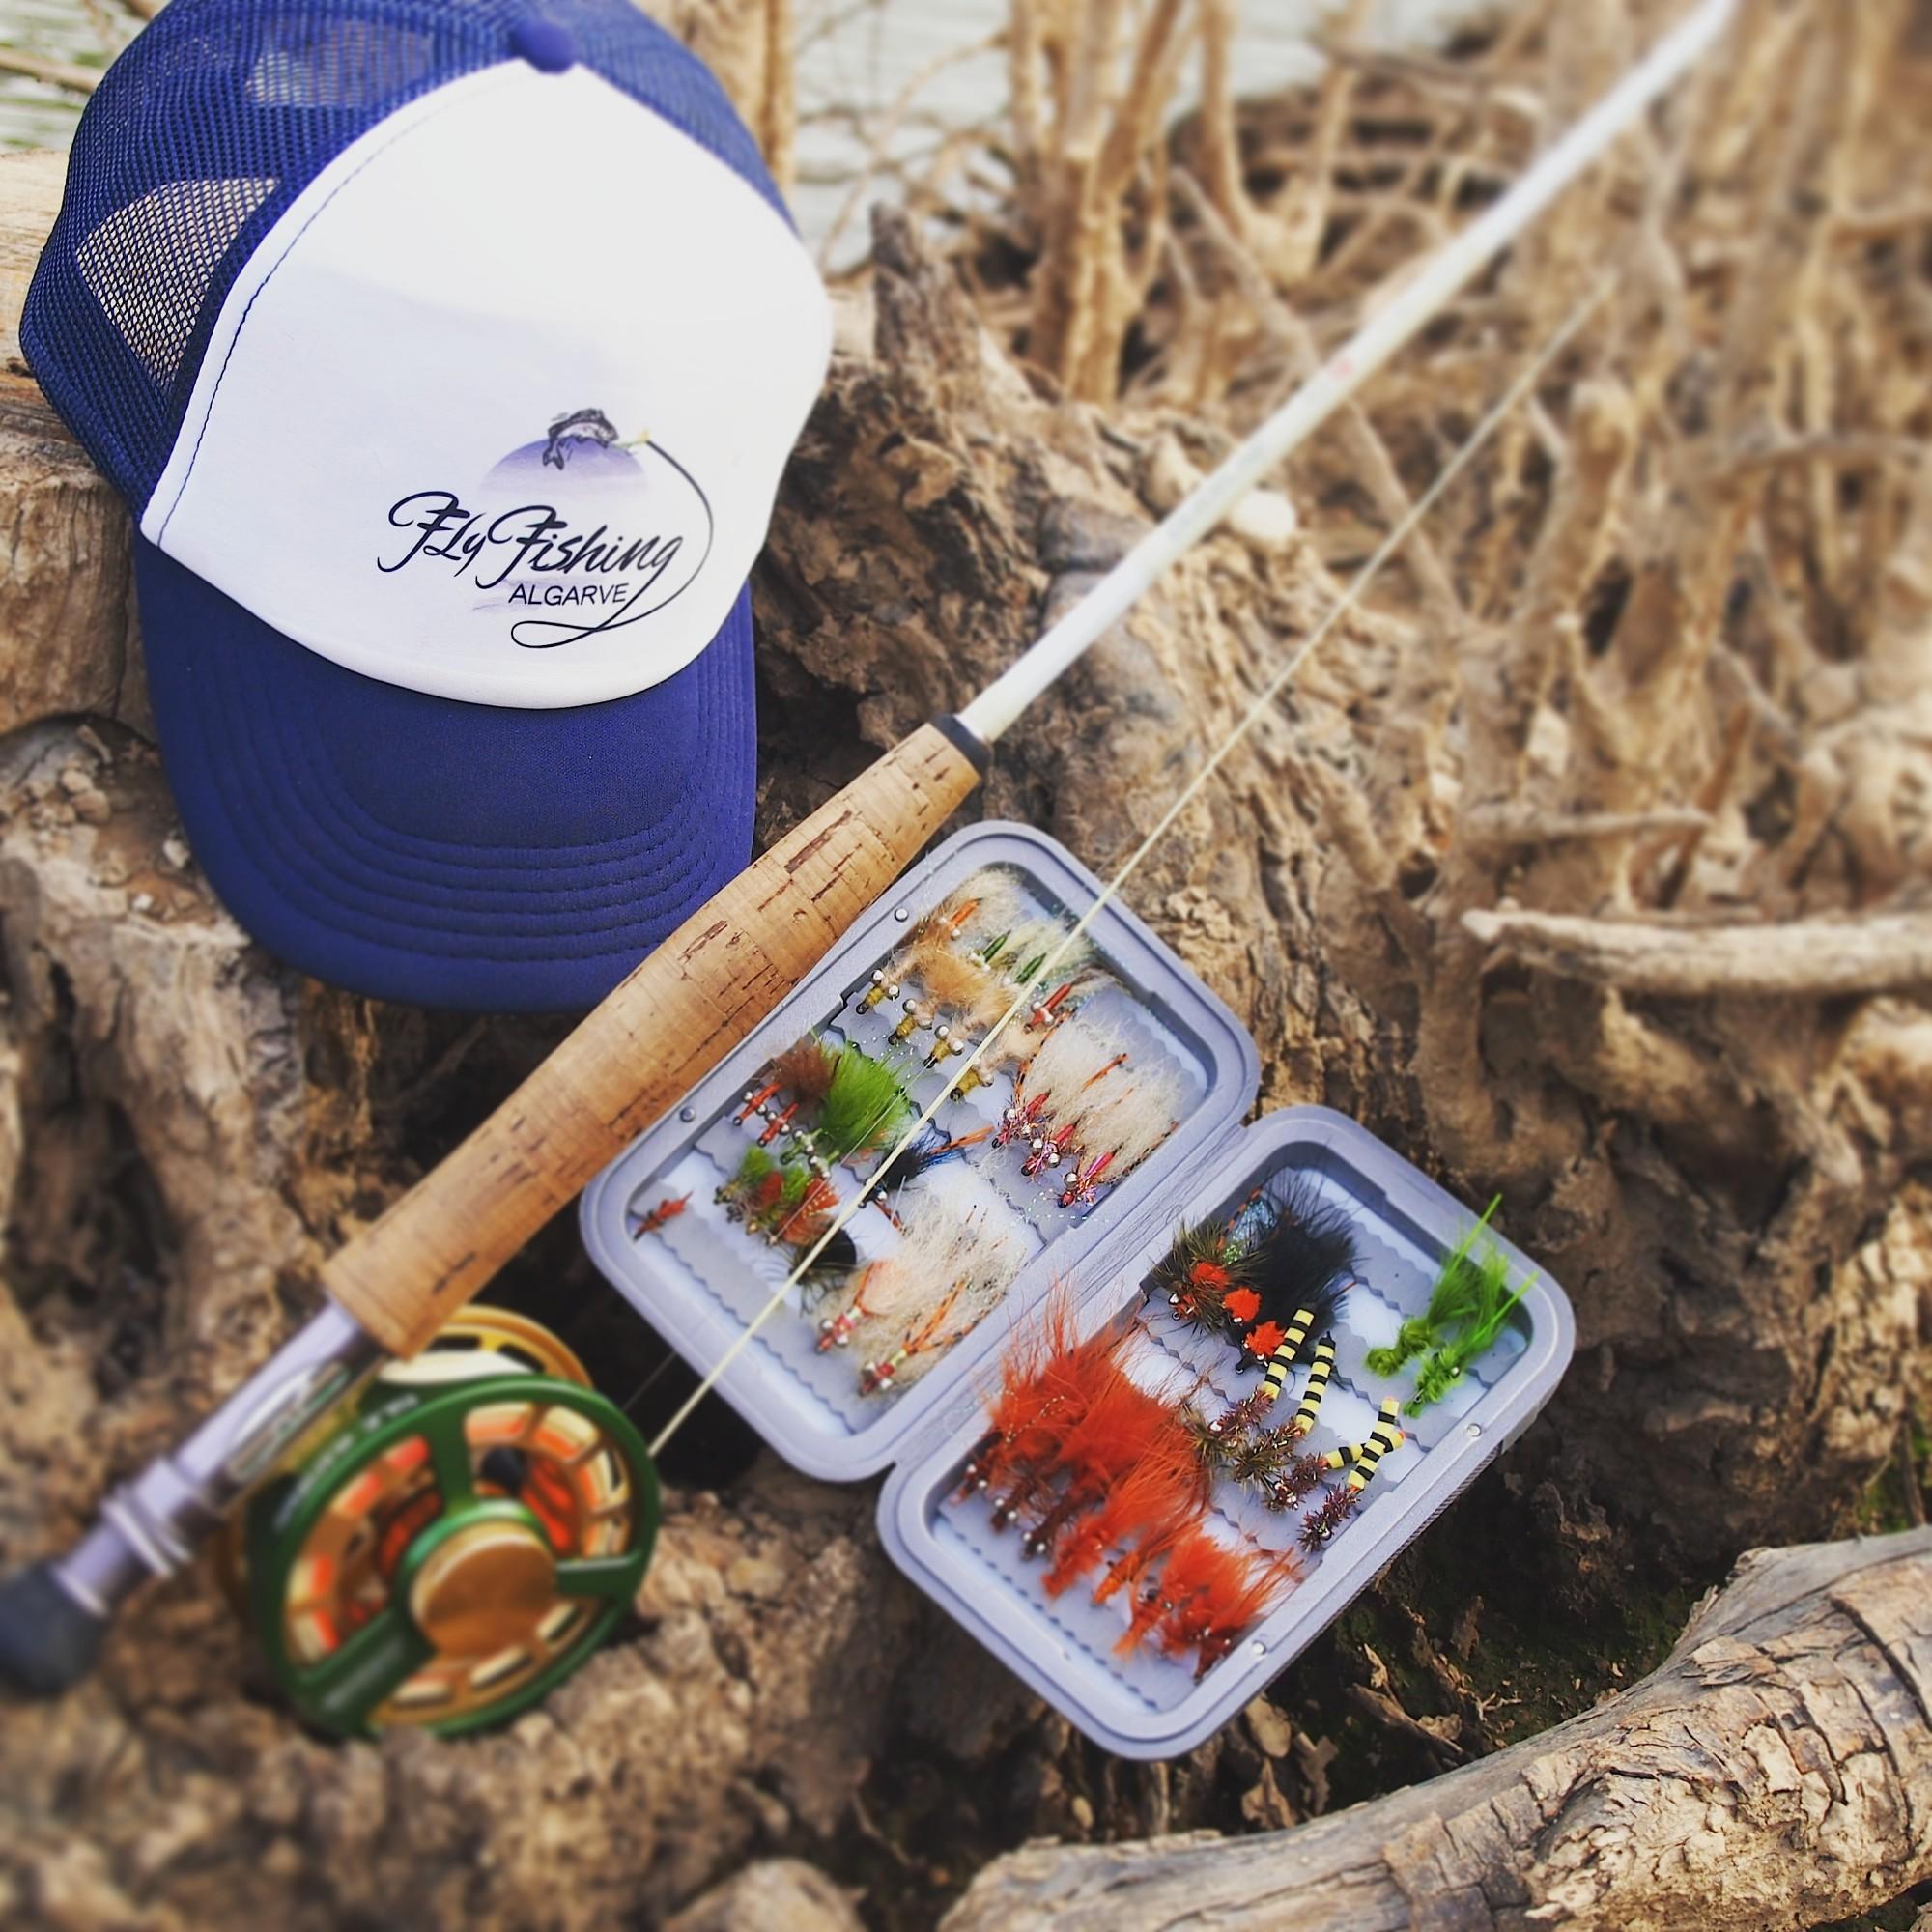 Für das Fliegenfischen an der Algarve benötigen Sie keine Spezialausrüstung, eine 8er Fliegenrute passt im Süßwasser und Salzwasser.